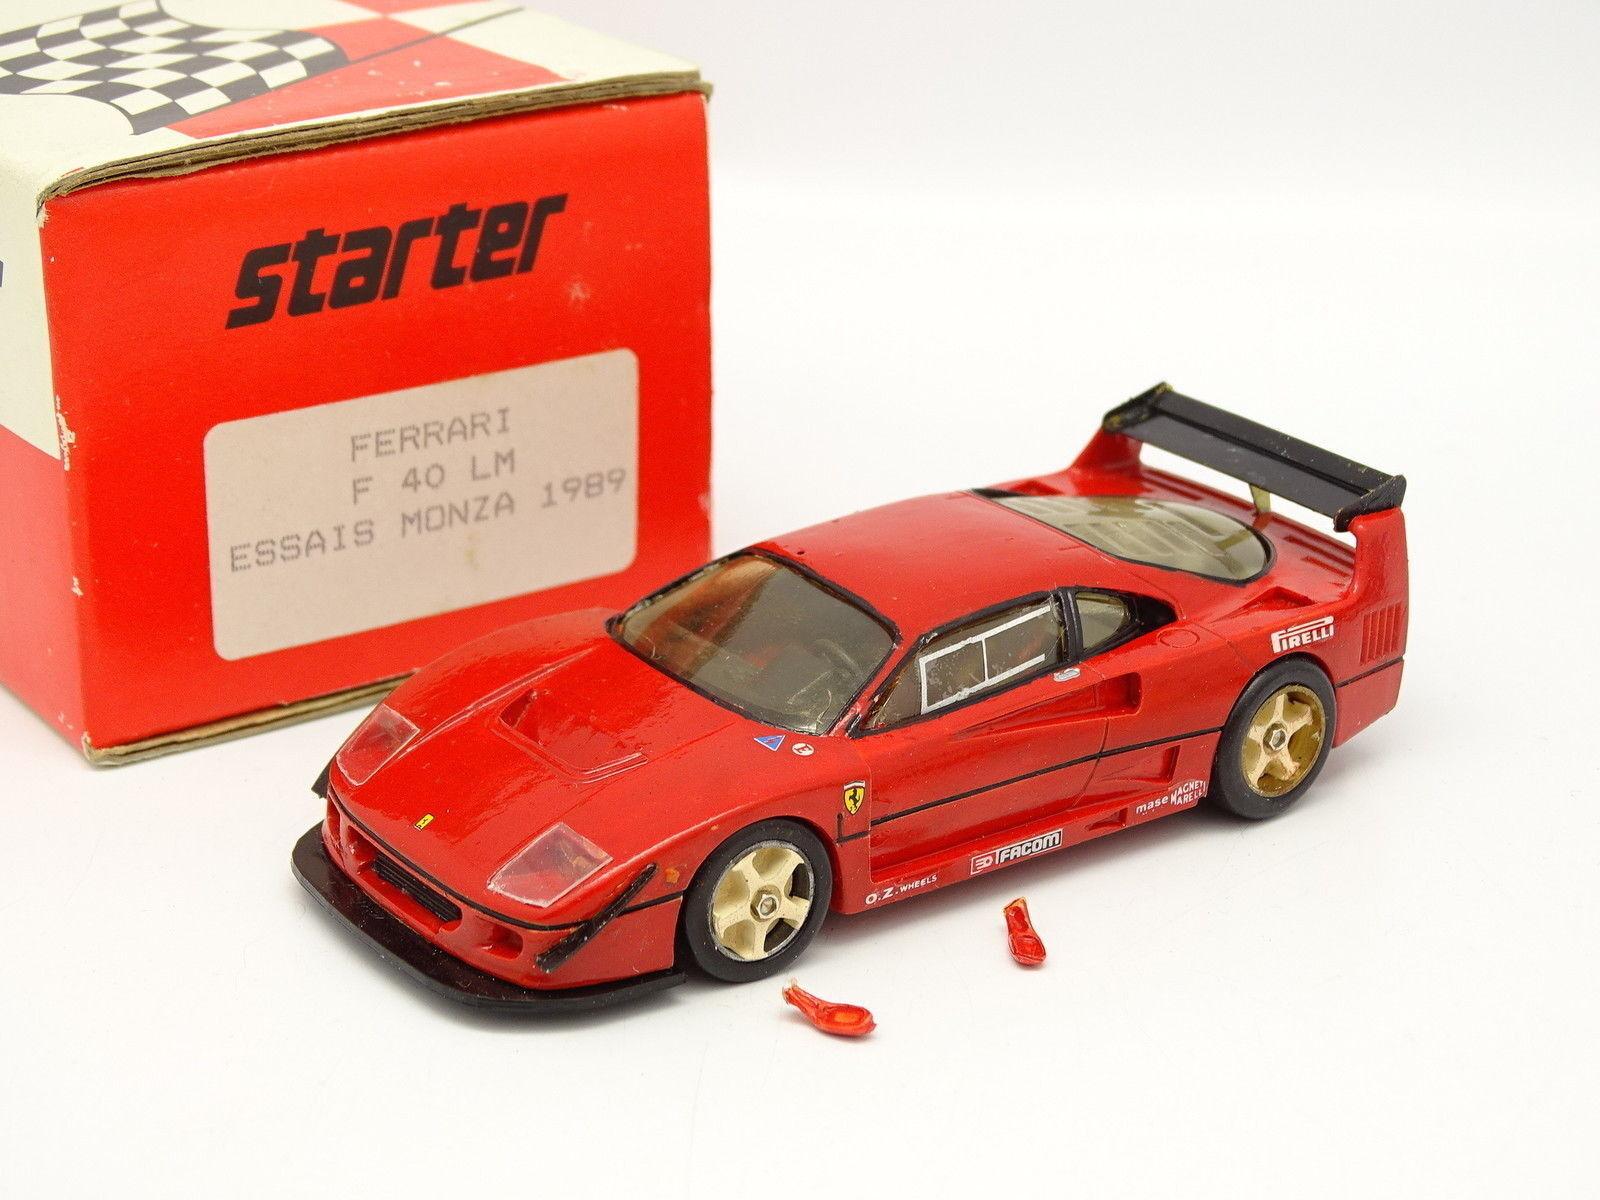 Kit De Inicio Montado 1 43 - Ferrari F40 LM Prueba Monza 1989